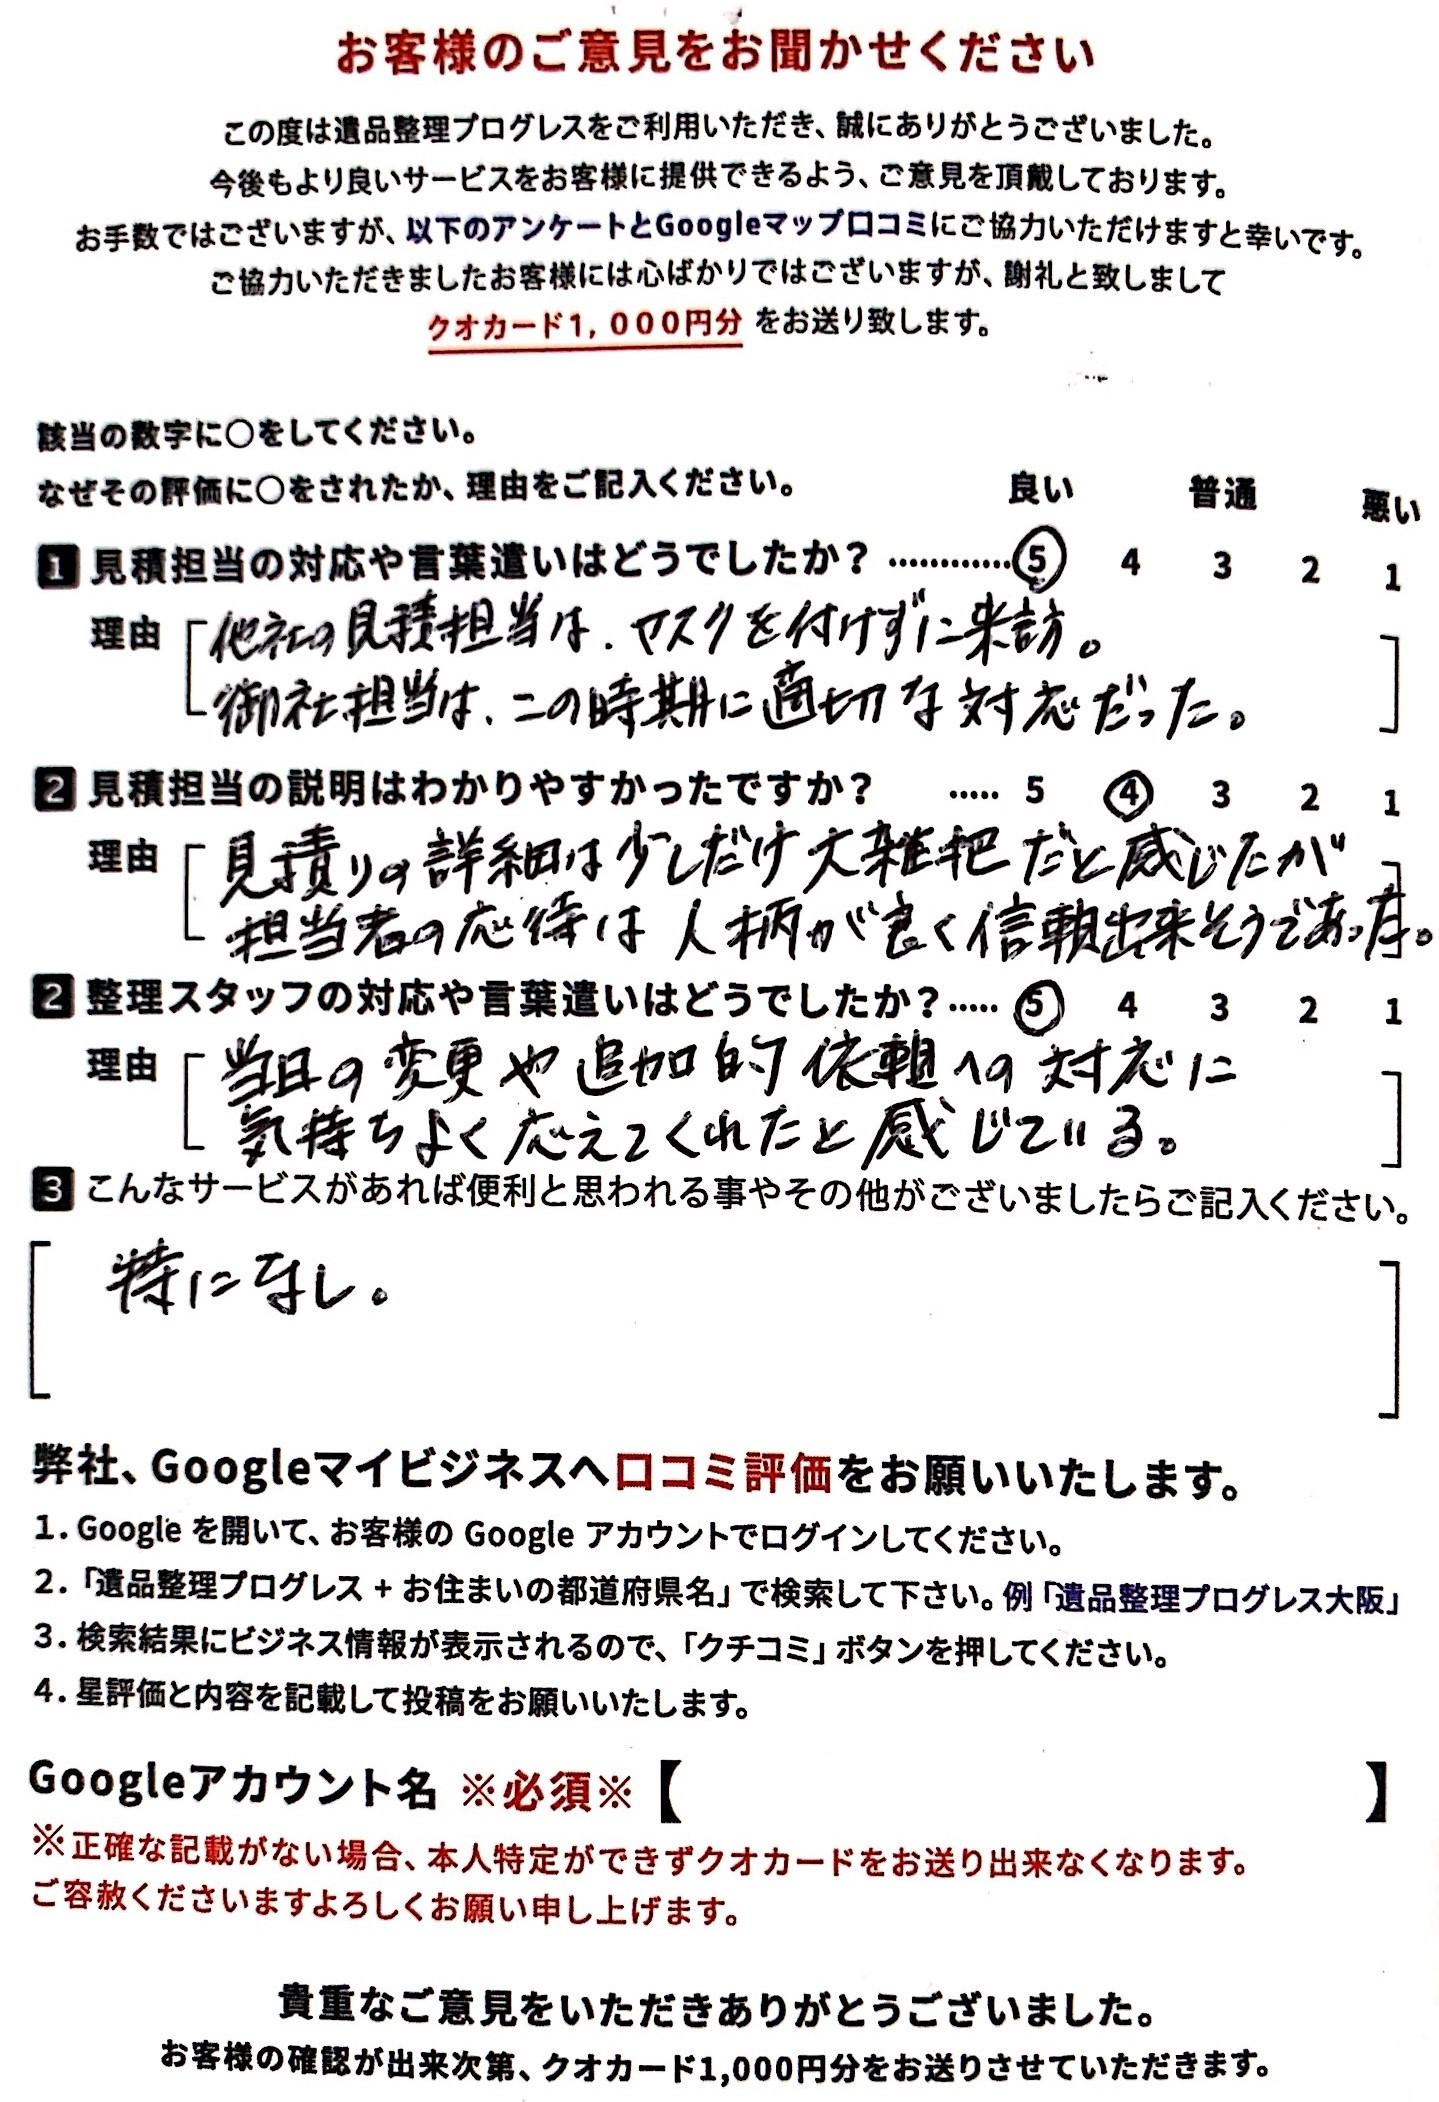 大阪府大阪市旭区 N・T様のアンケート用紙